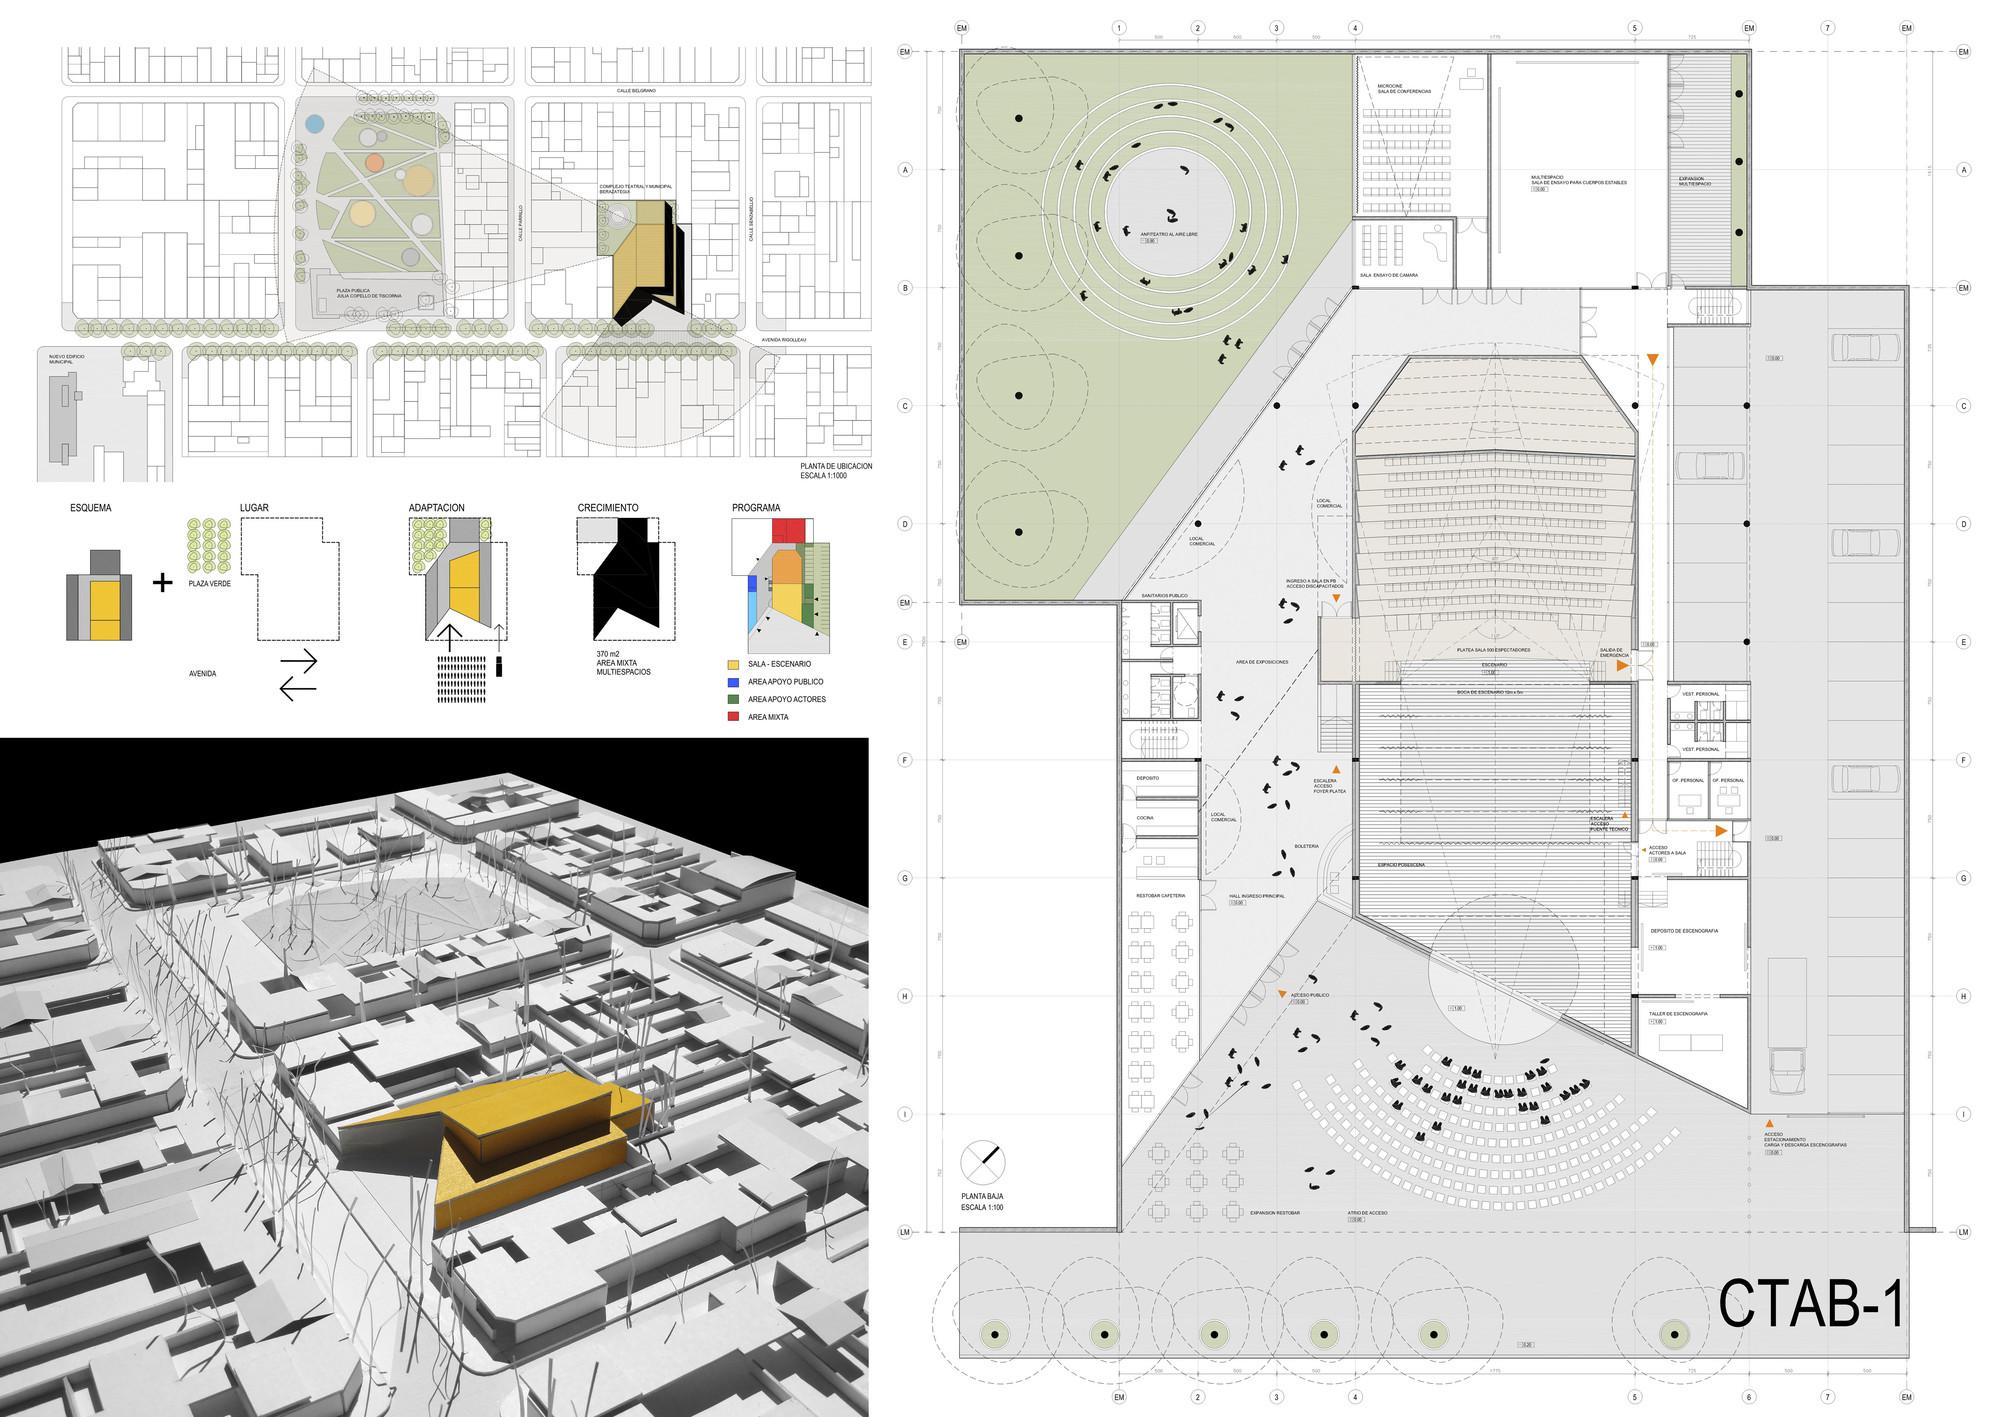 Lamina Segundo Lugar. Image Courtesy of Colegio de Arquitectos de la Provincia de Buenos Aires